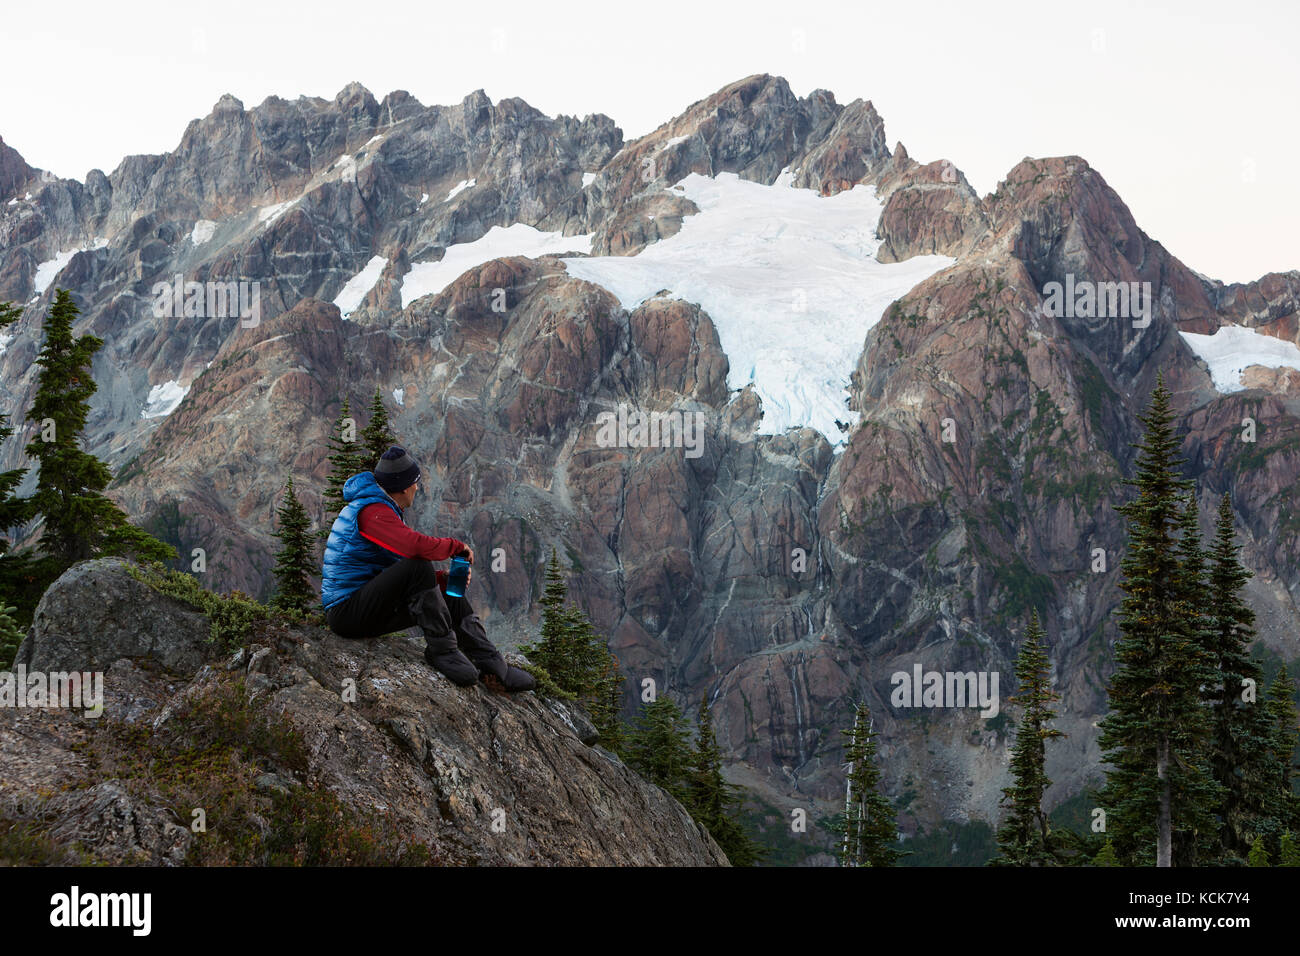 Un randonneur solitaire attend jusqu'à l'septimus/rousseau massif et c'est en camping glacier suspendu Photo Stock